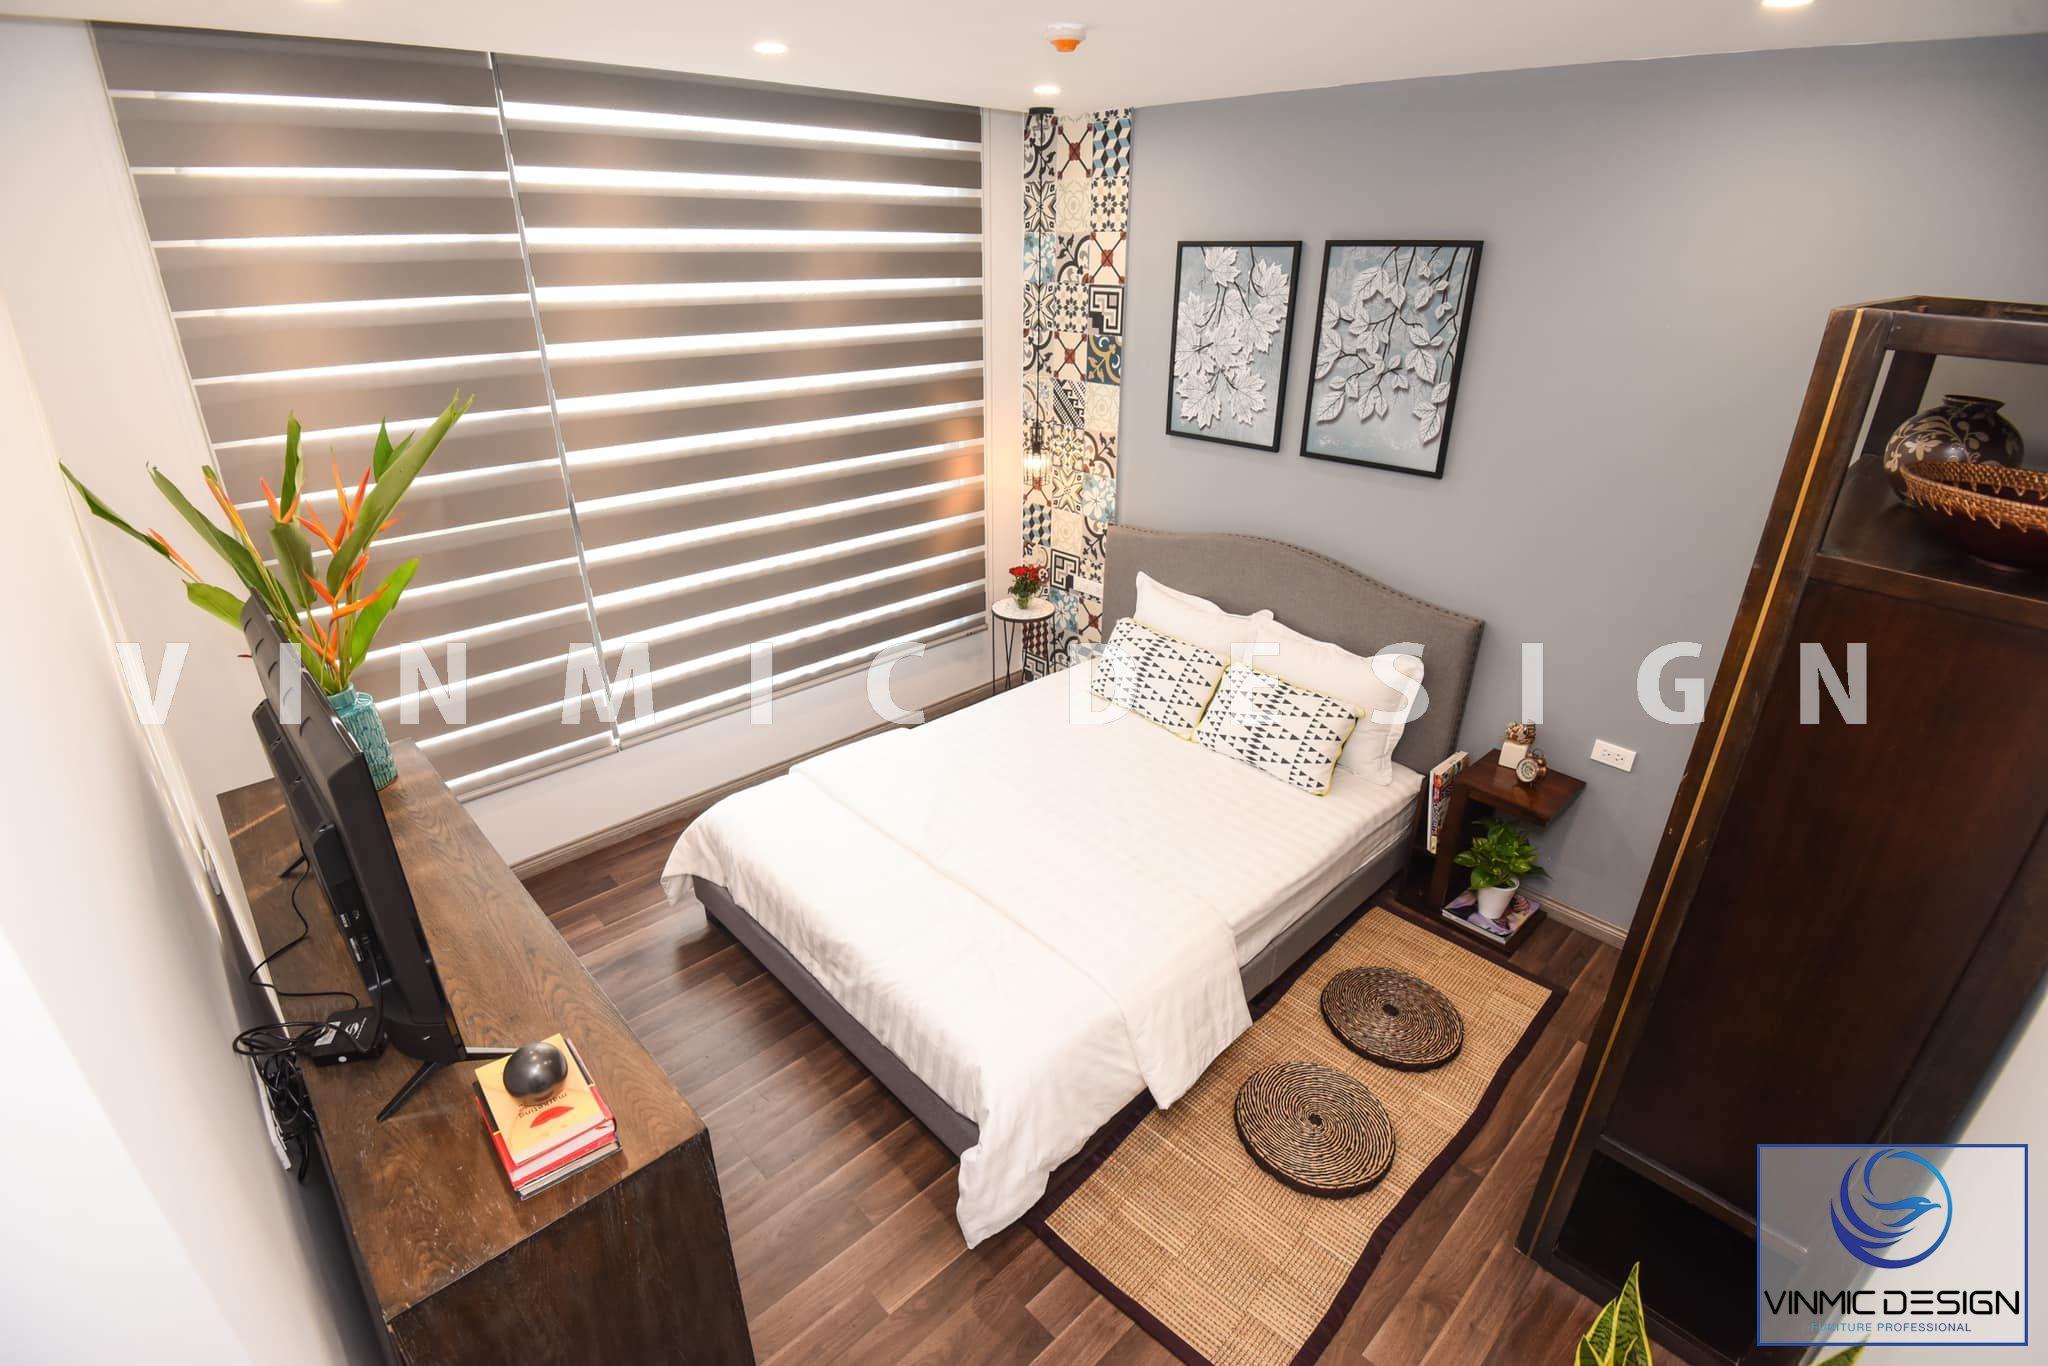 Thiết kế nội thất phong cách Indochine đẹp